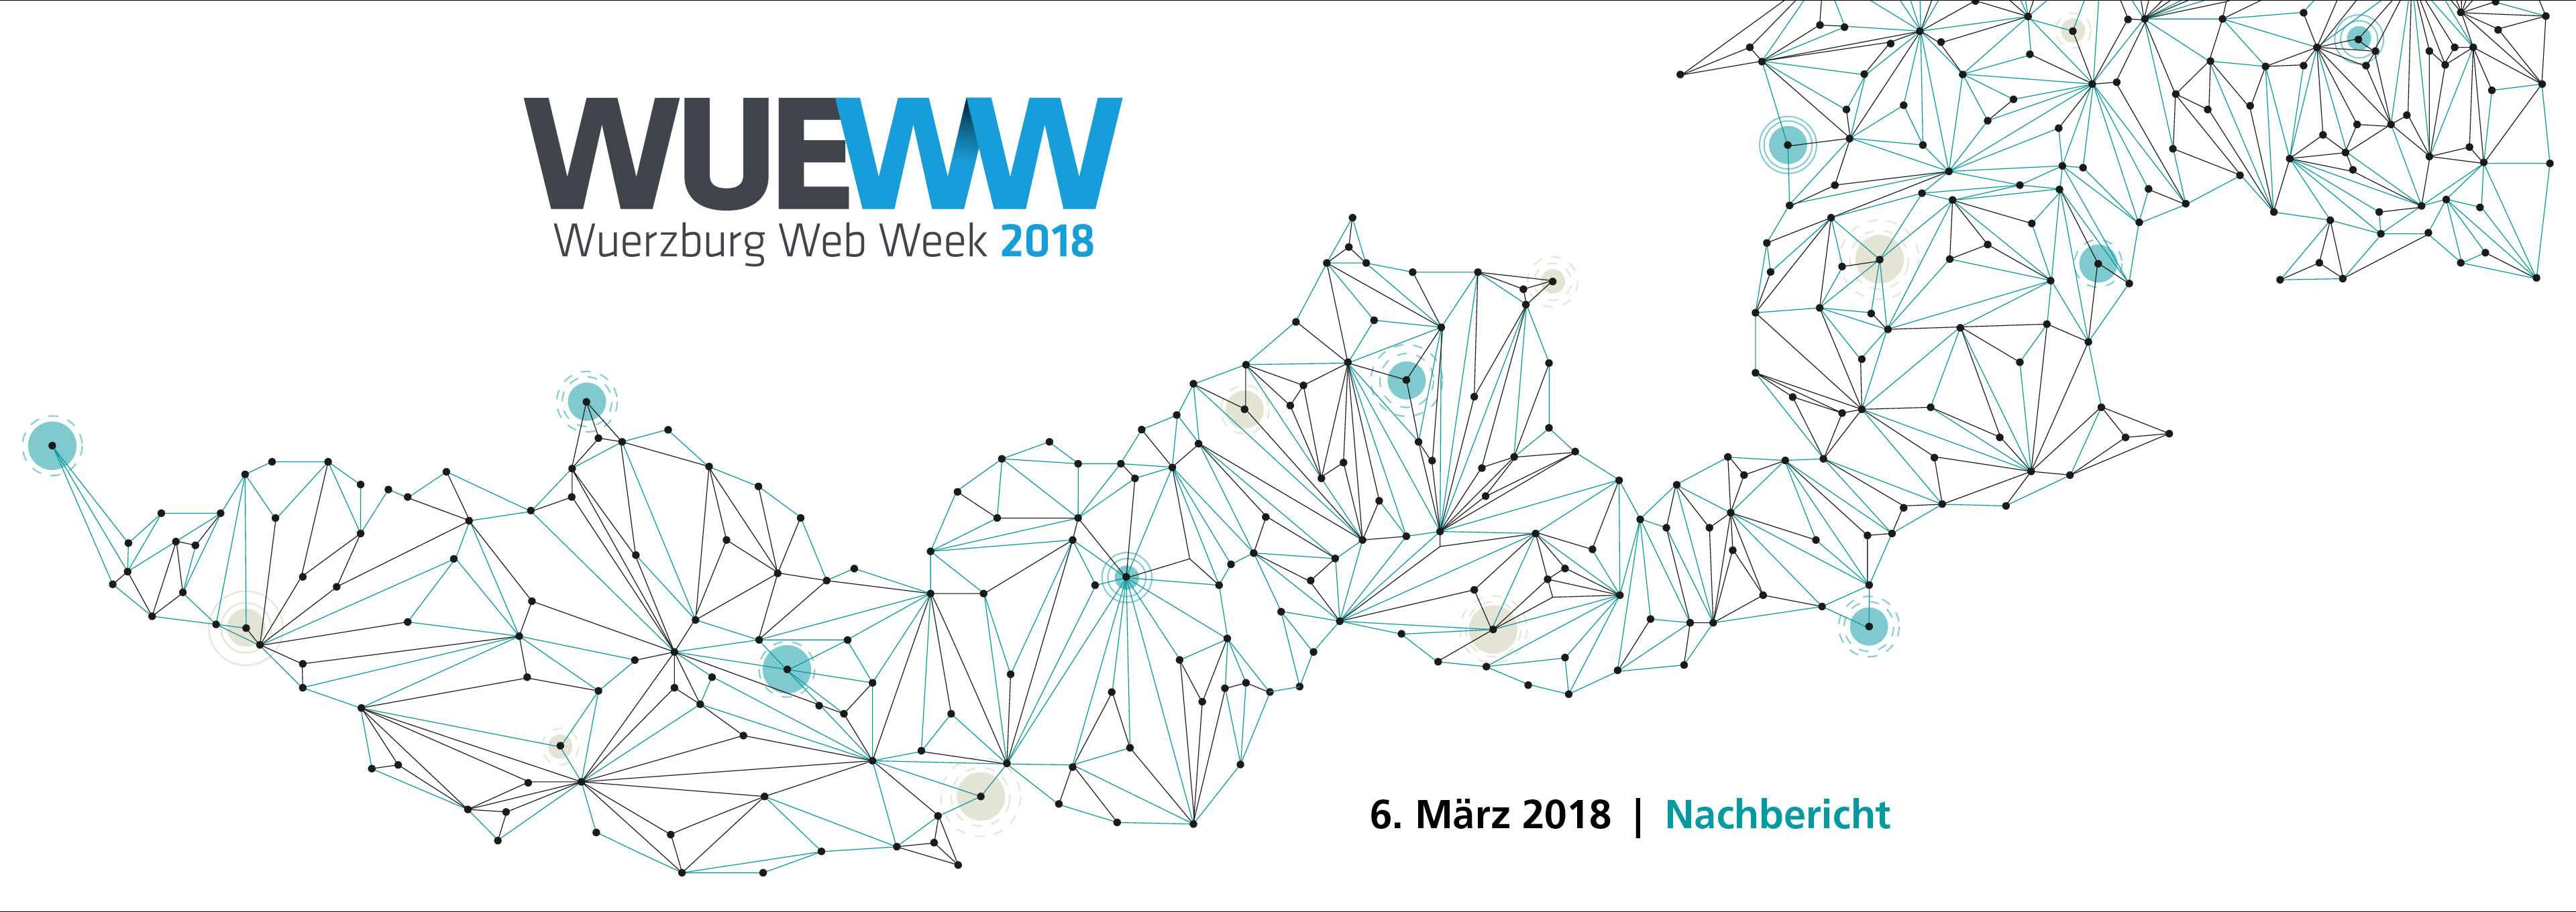 Würzburg Web Week 2018 – iWelt AG | Internet Services Würzburg